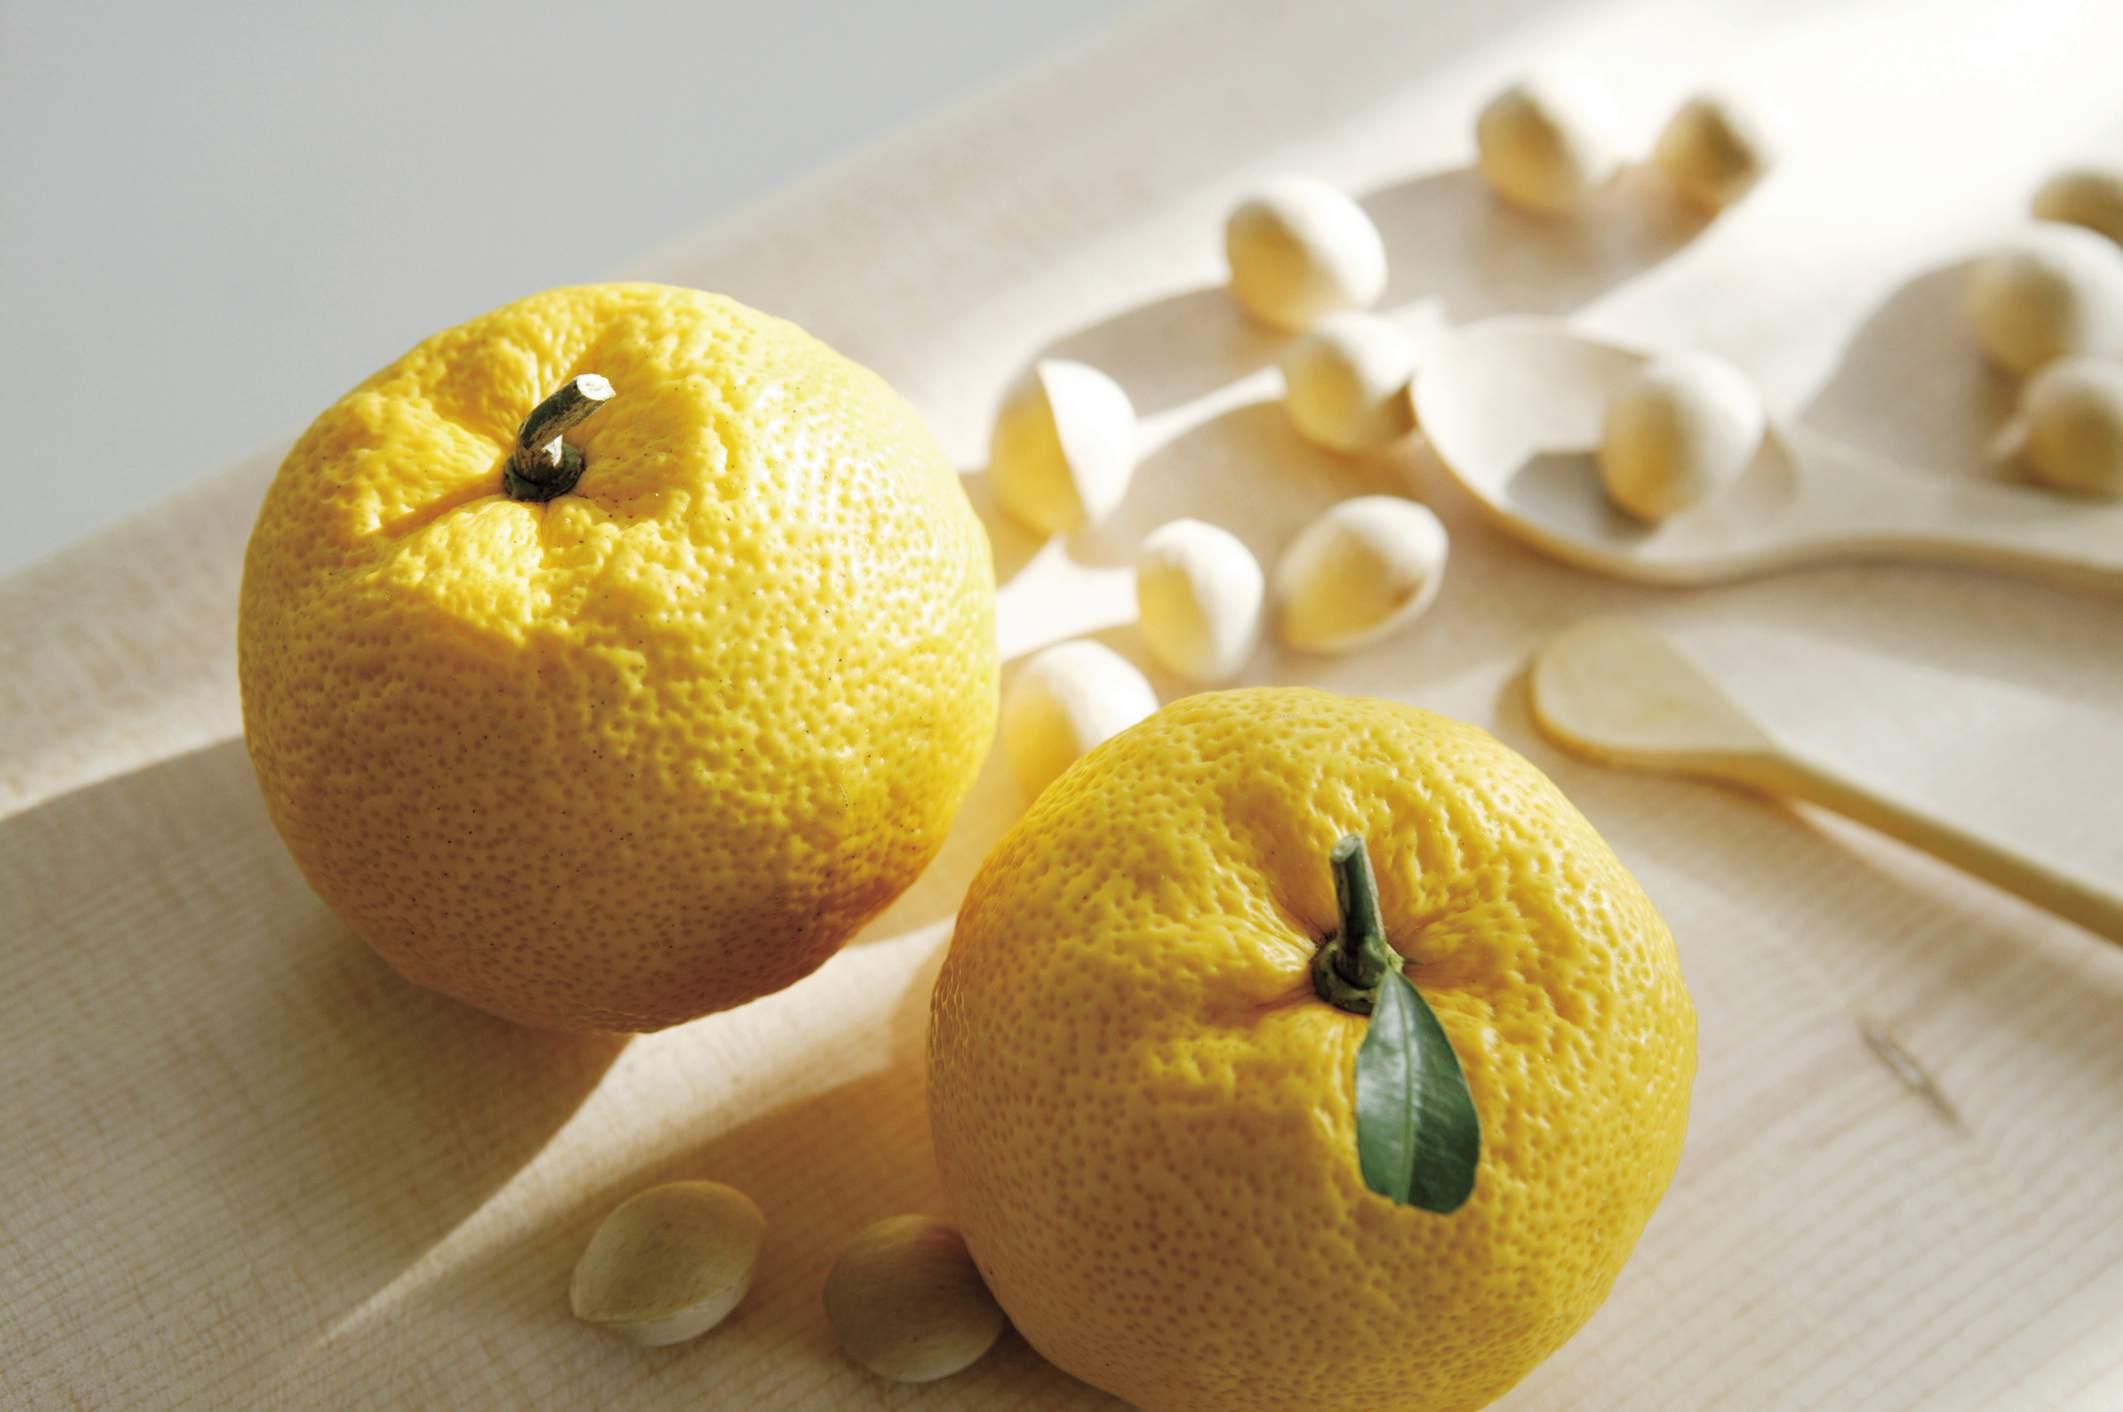 Yuzu citron